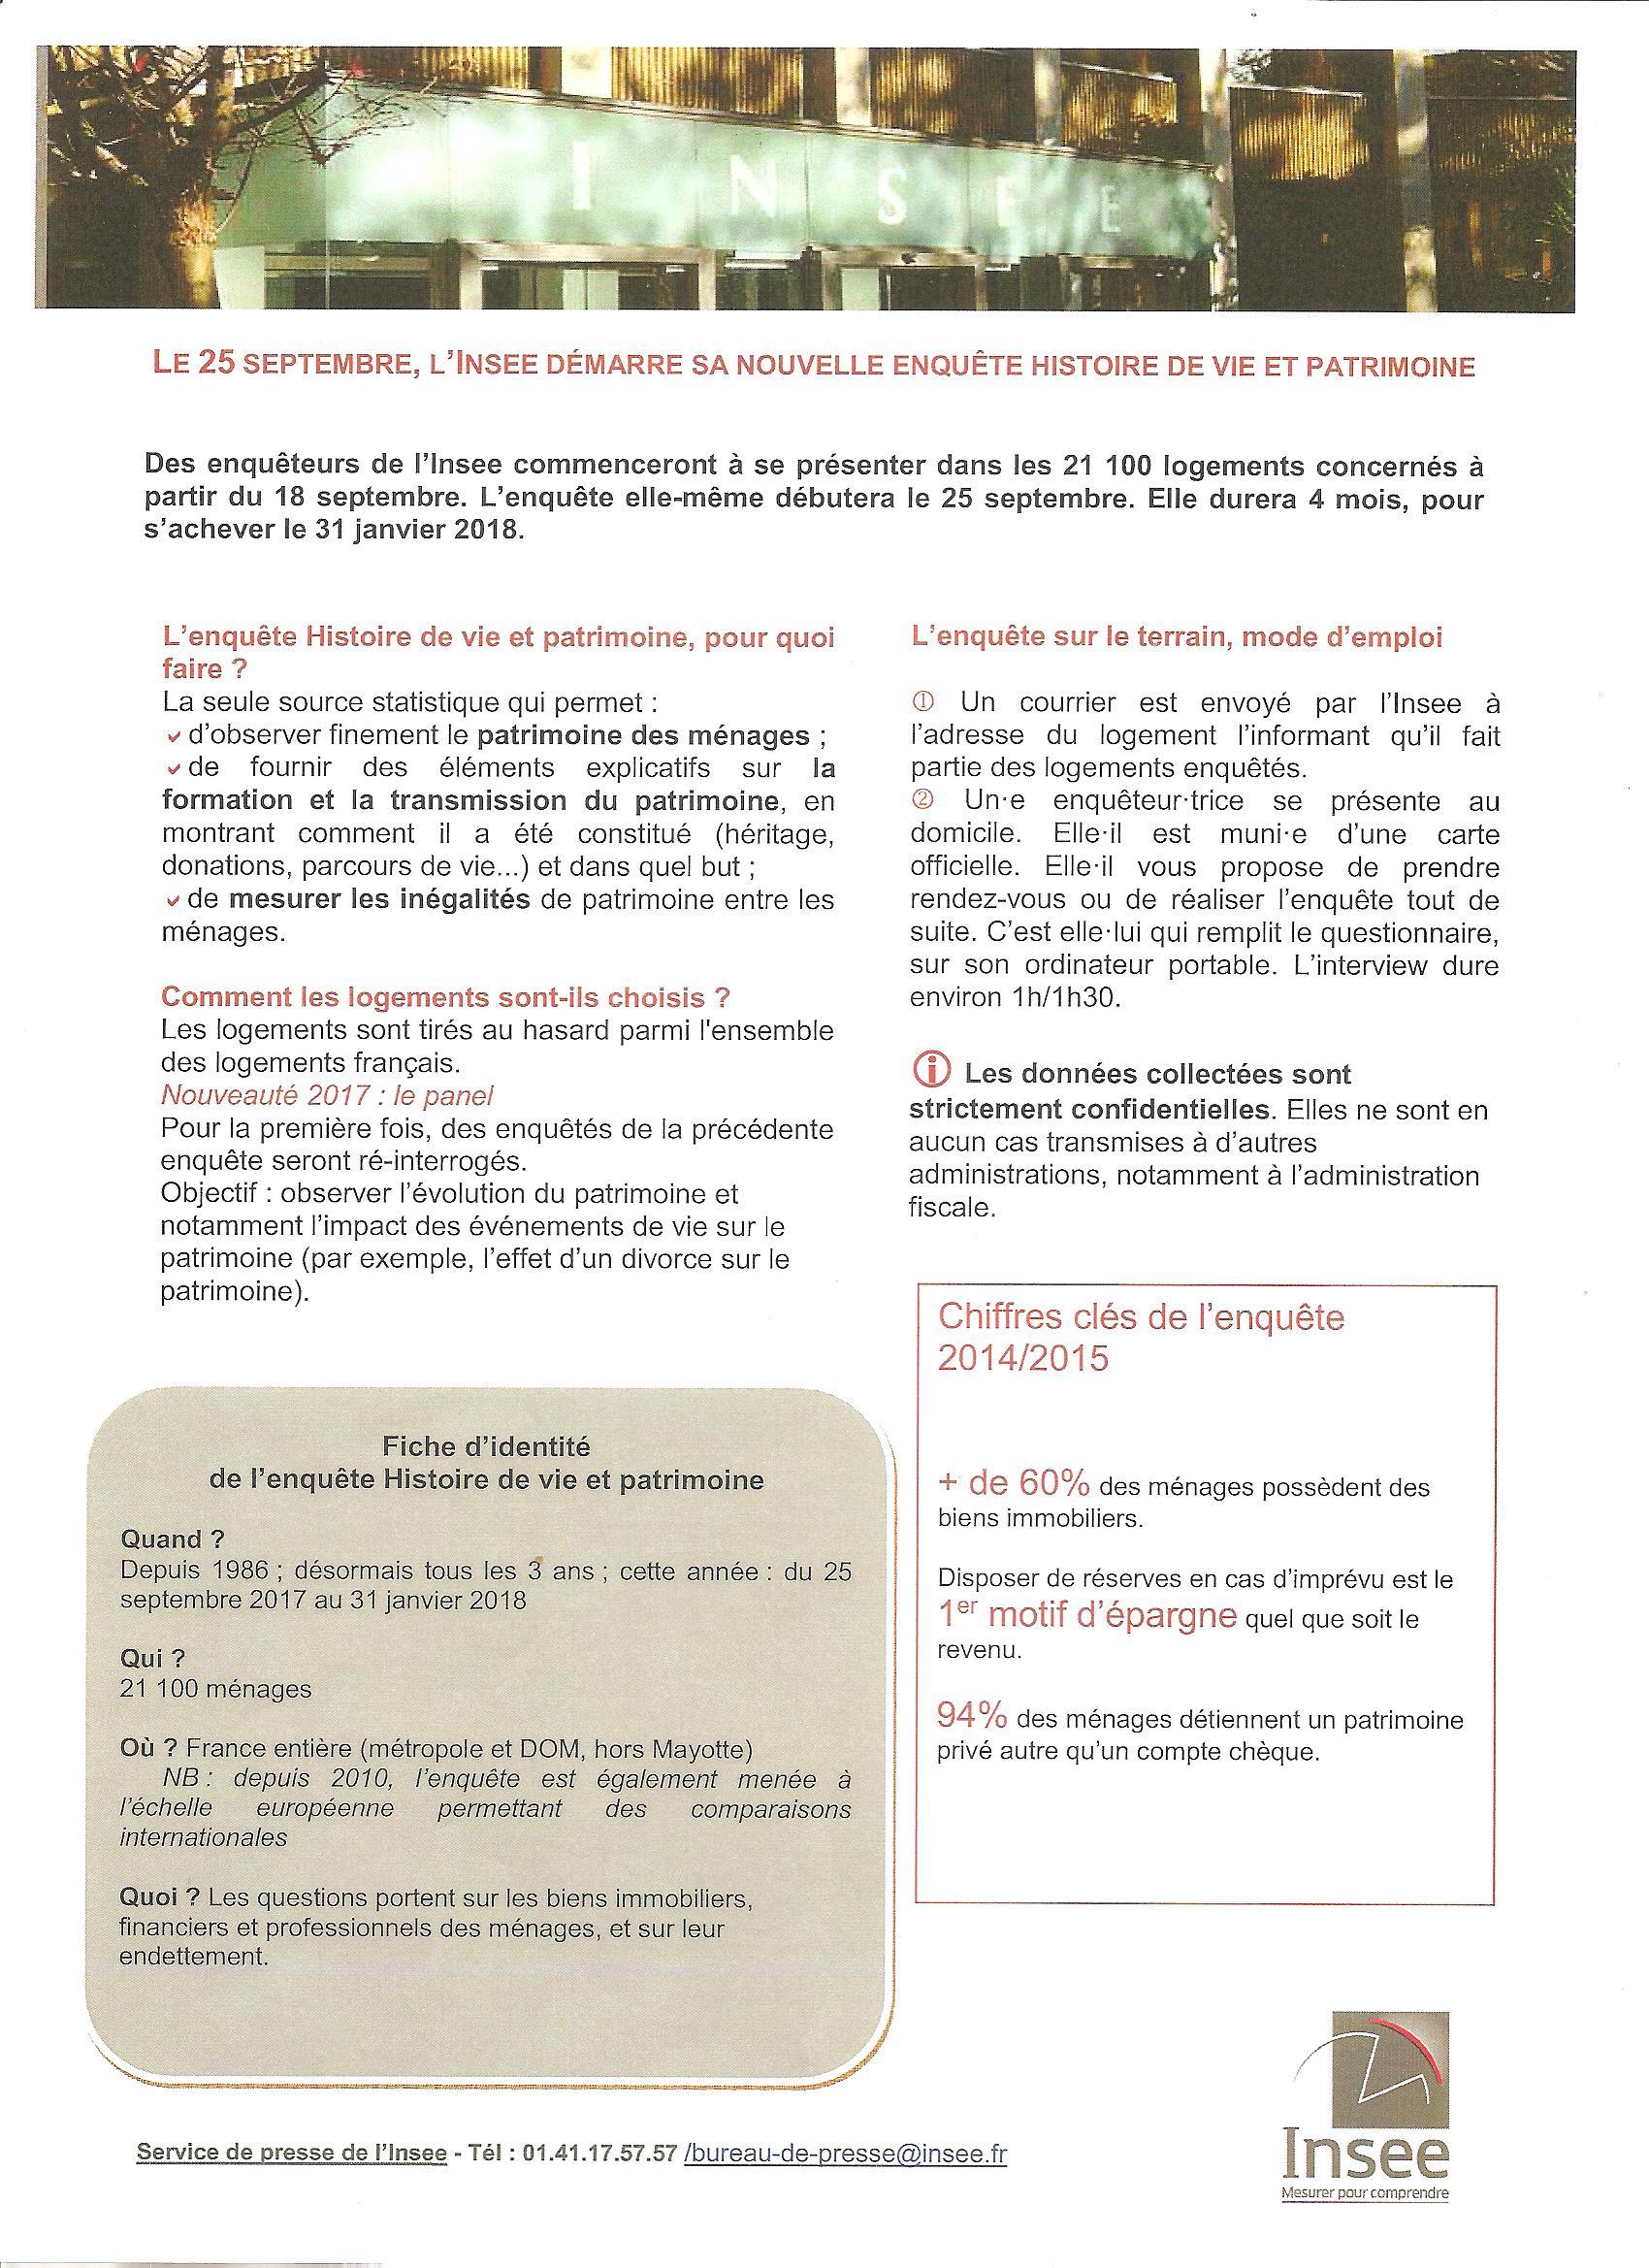 enquete-insee-histoire-de-vie